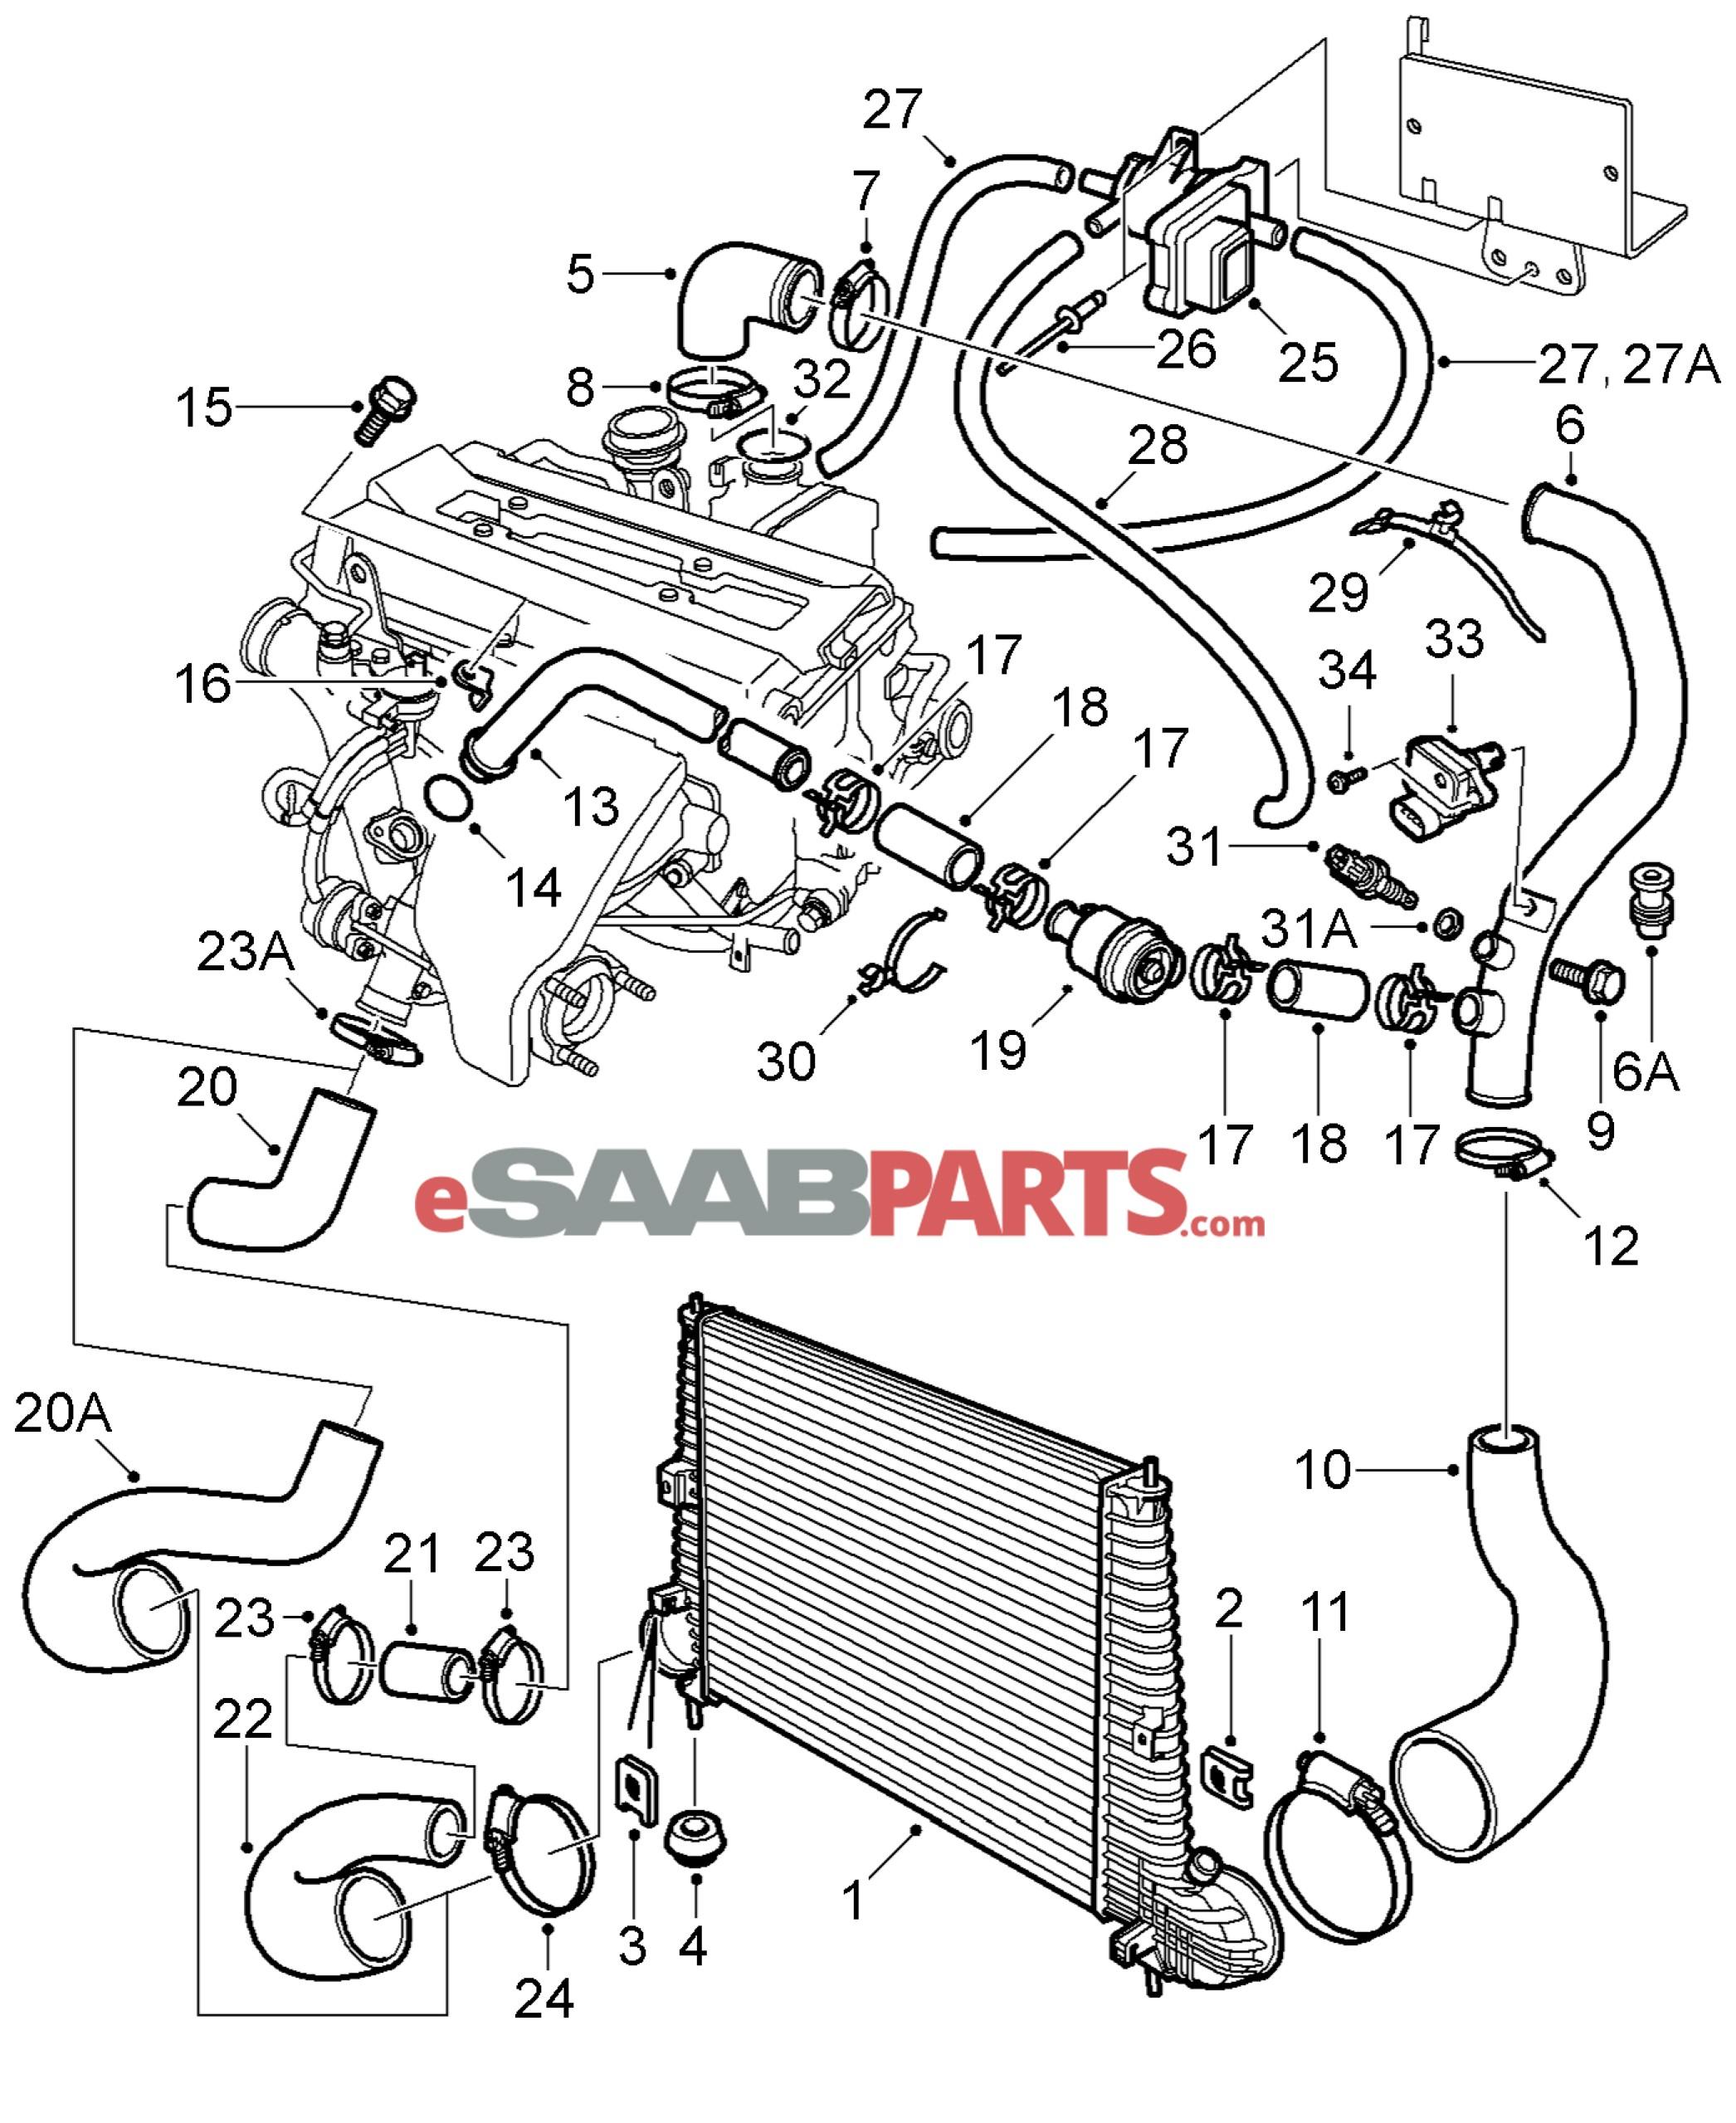 2001 ford taurus engine diagram 2008 f250 trailer plug wiring 2000 ranger fuel pump location database 2 9 liter schematic